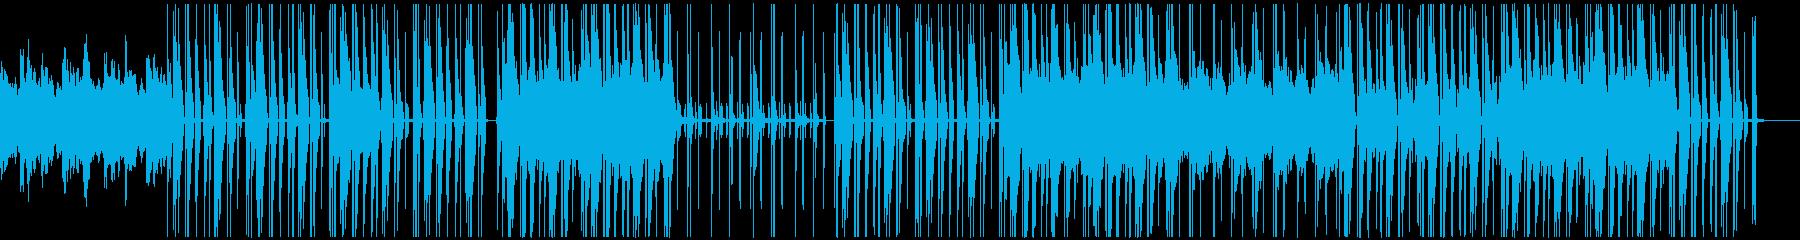 荘厳な雰囲気のBGMの再生済みの波形